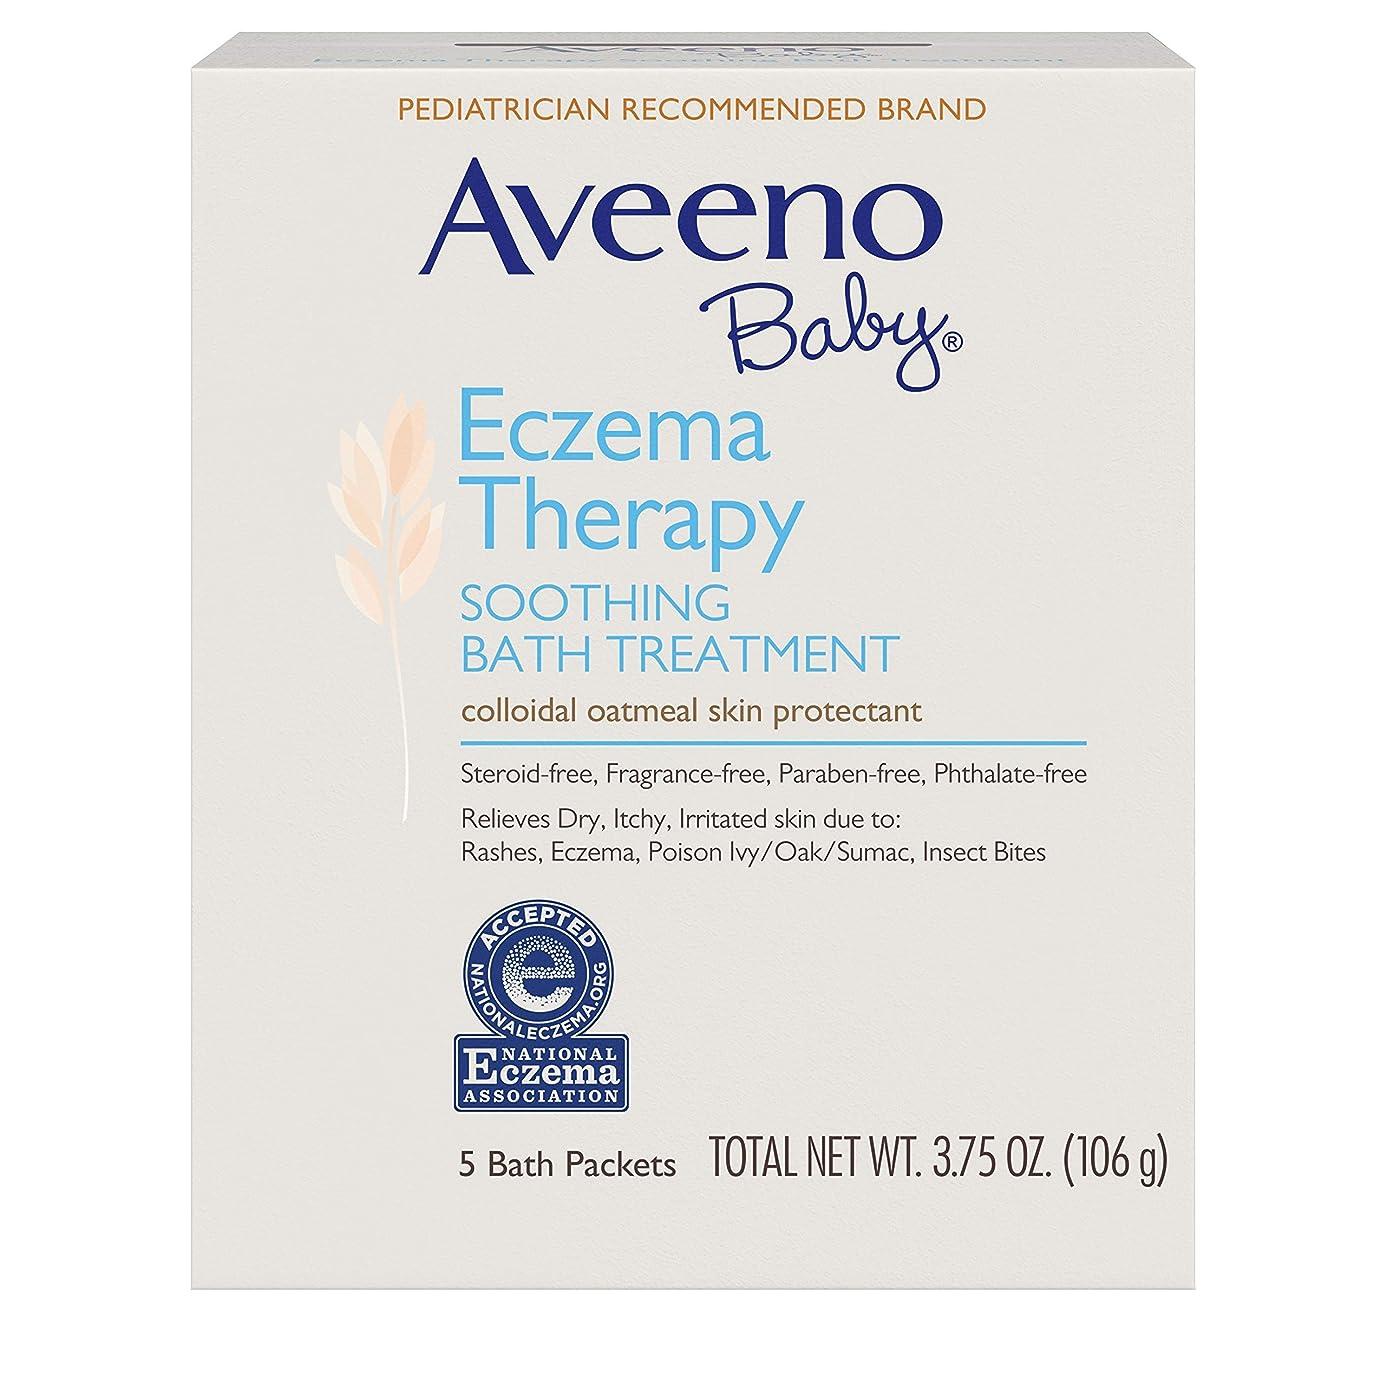 型砂利溶岩〈海外直送品〉AVEENO? Baby Eczema Therapy SOOTHING BATH TREATMENT - 5パック(106g) アヴィーノ スーシング バストリートメント